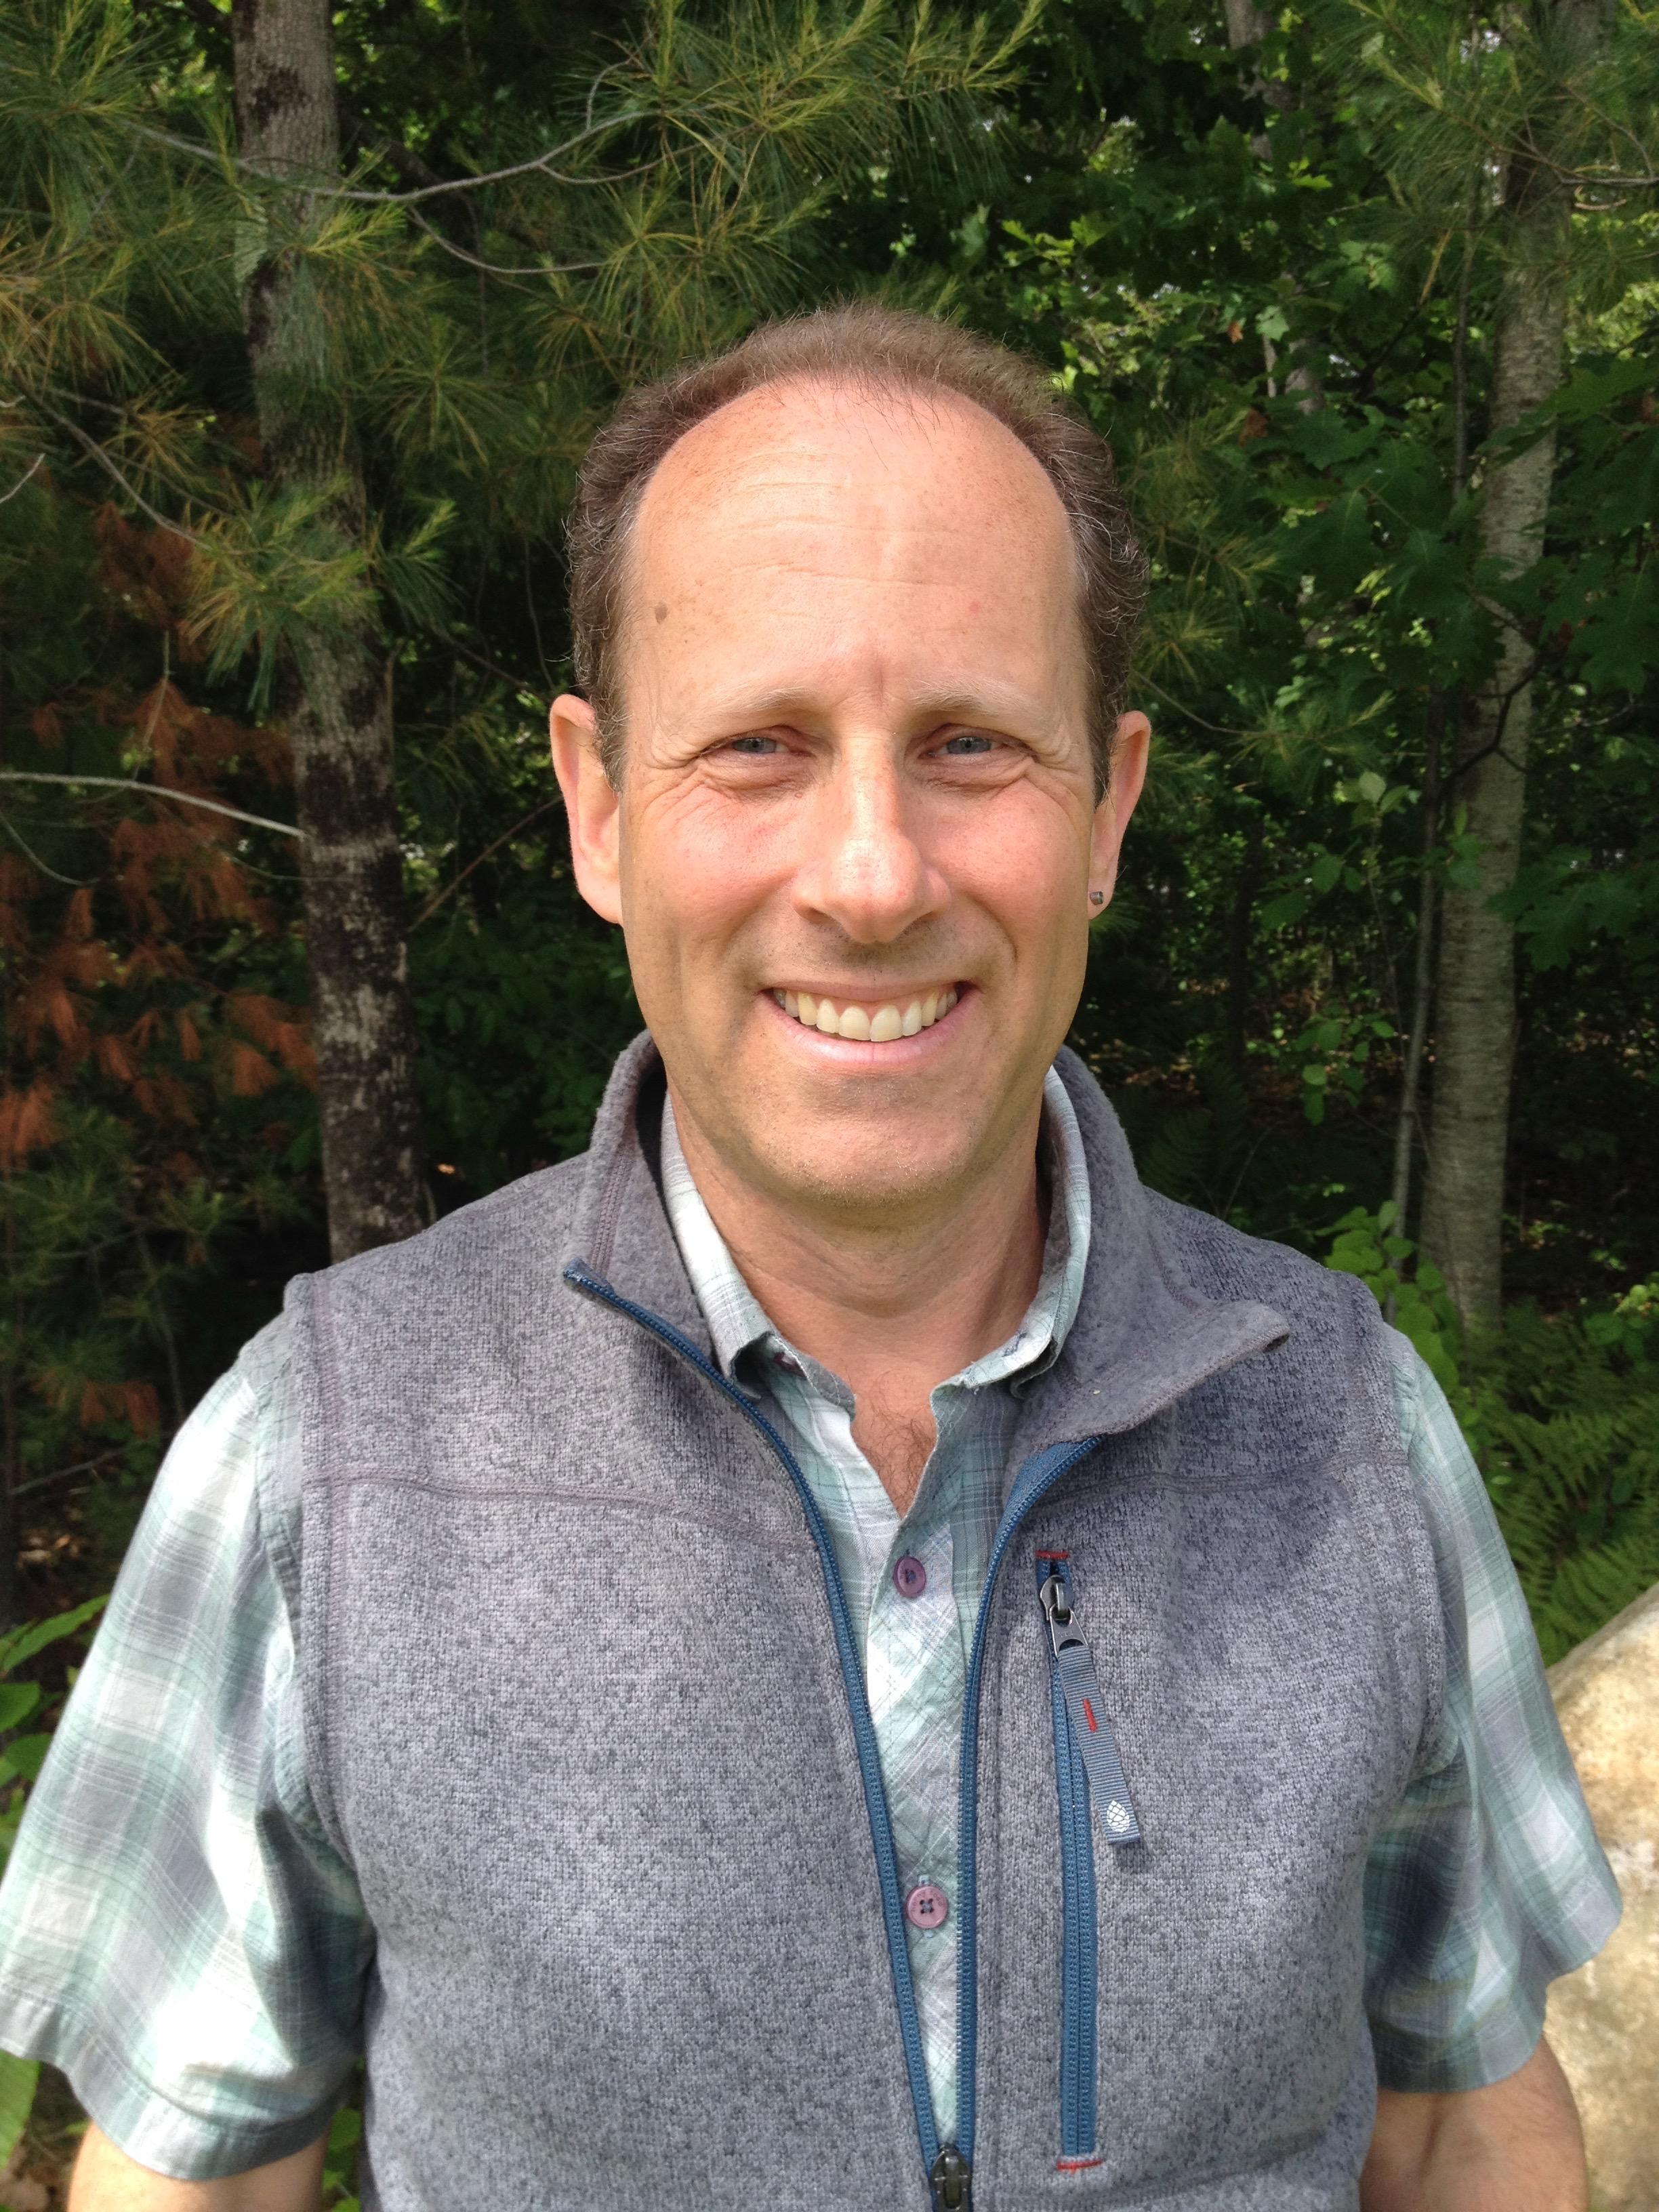 David Leib